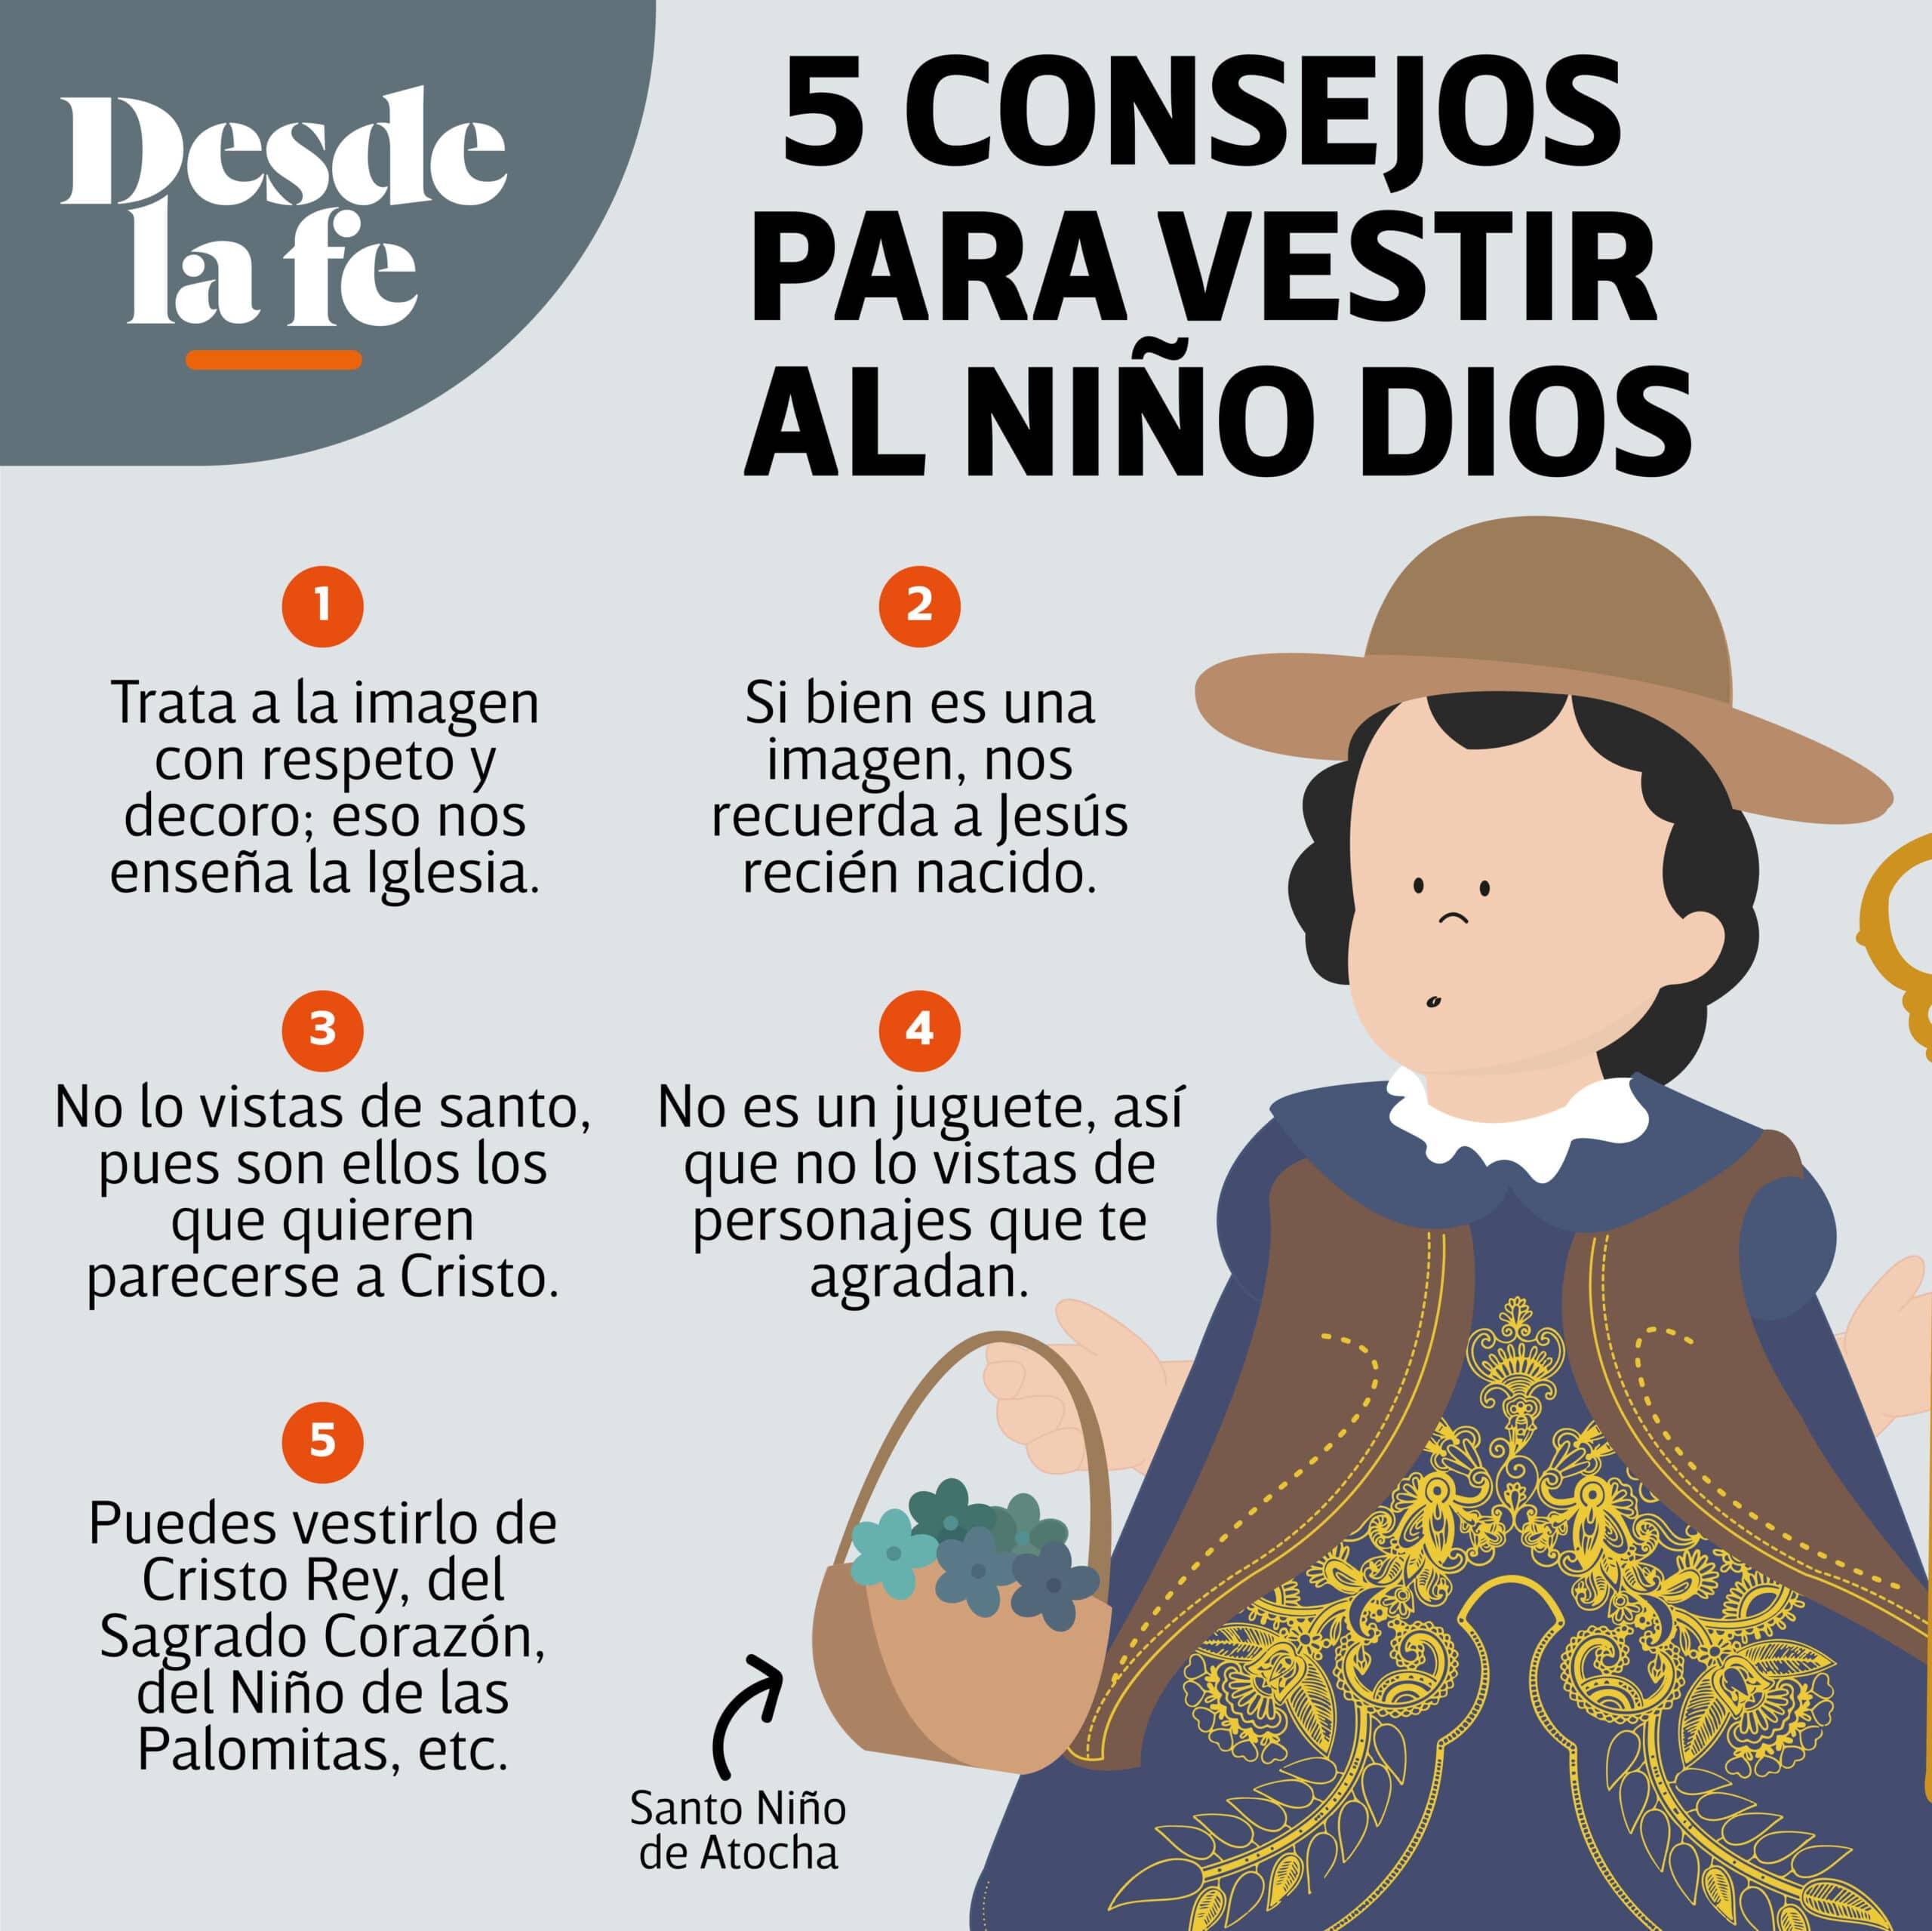 Toma en cuenta estos consejos para vestir al Niño Dios el Día de la Candelaria.